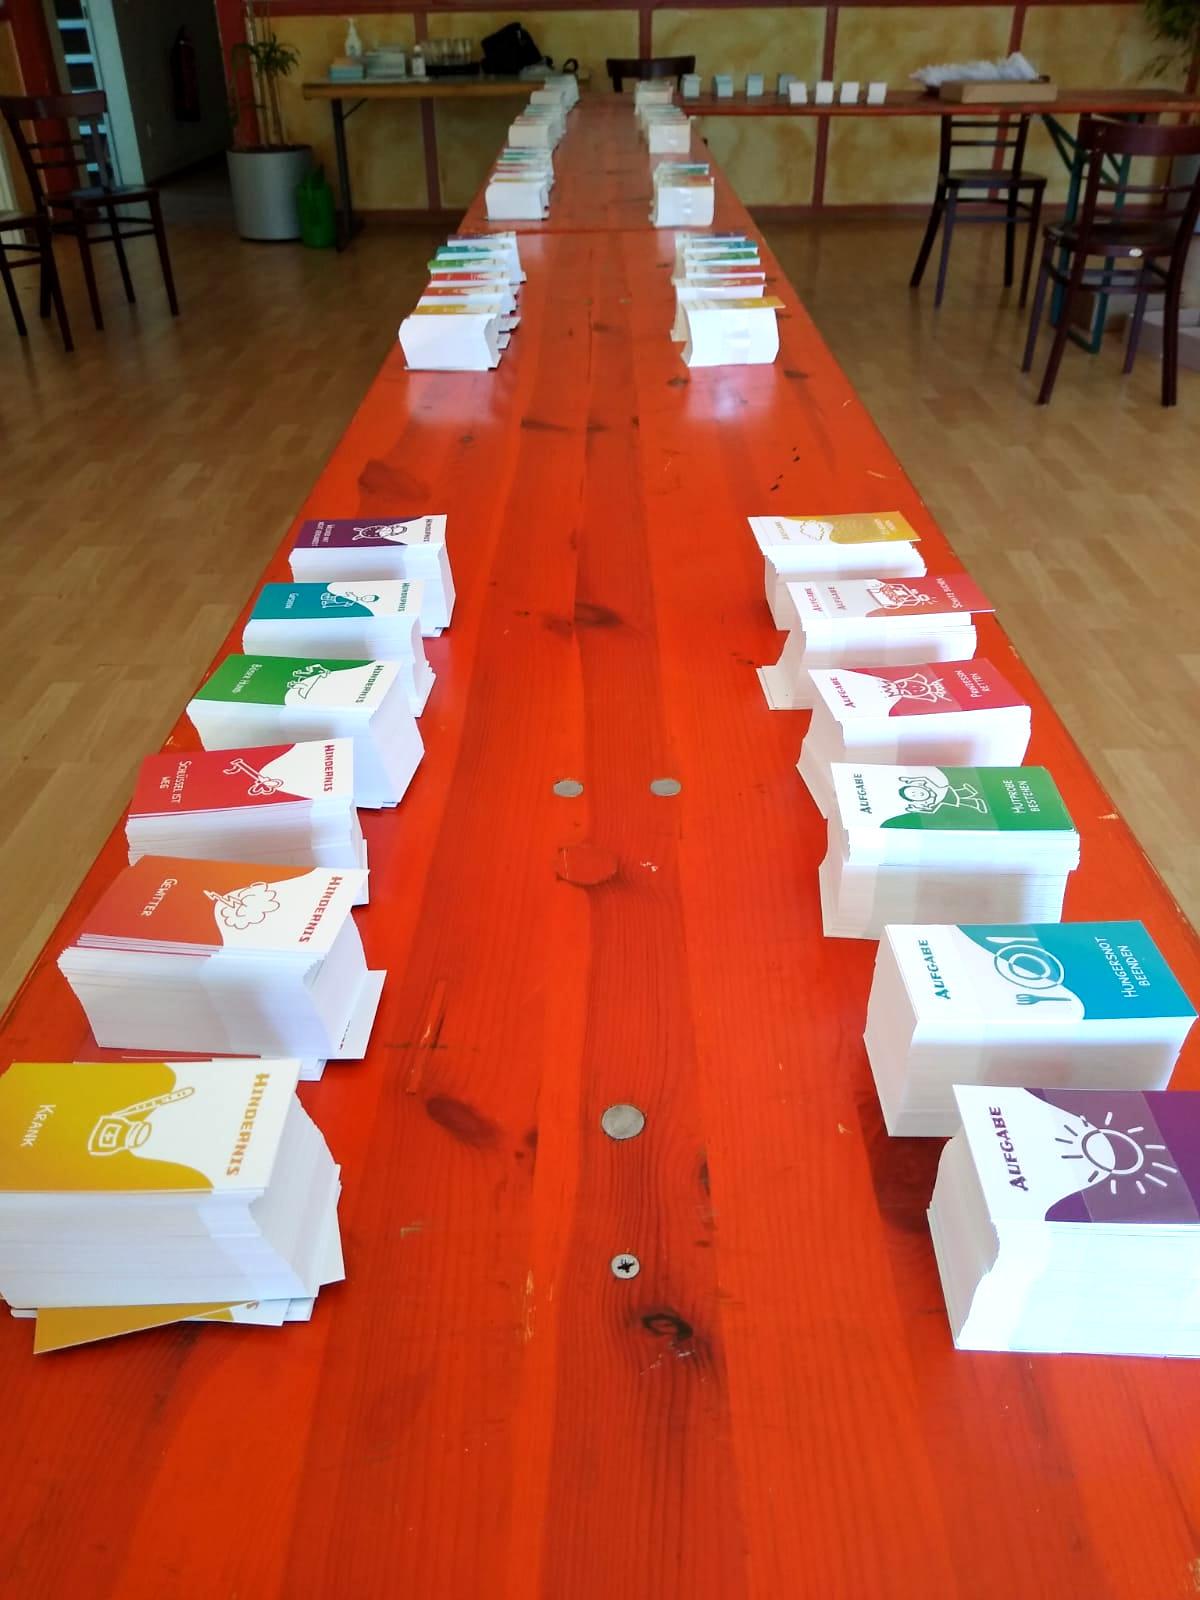 Auf einem langen Tisch stehen viele Stapel mit Zutatenkarten.